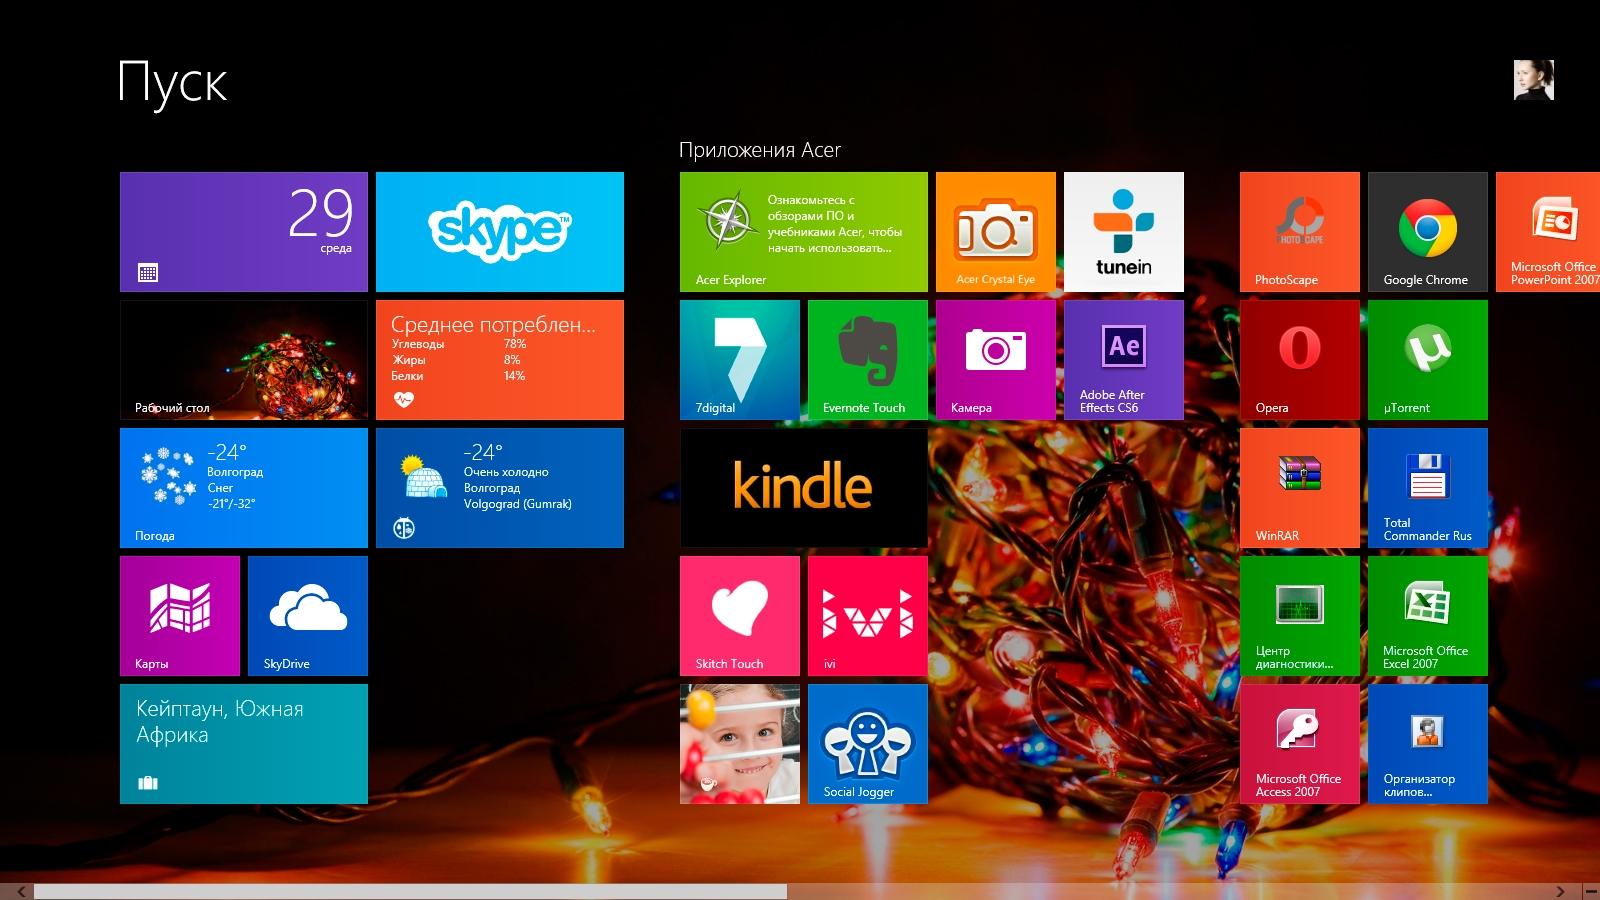 Как закрыть приложение Windows 8